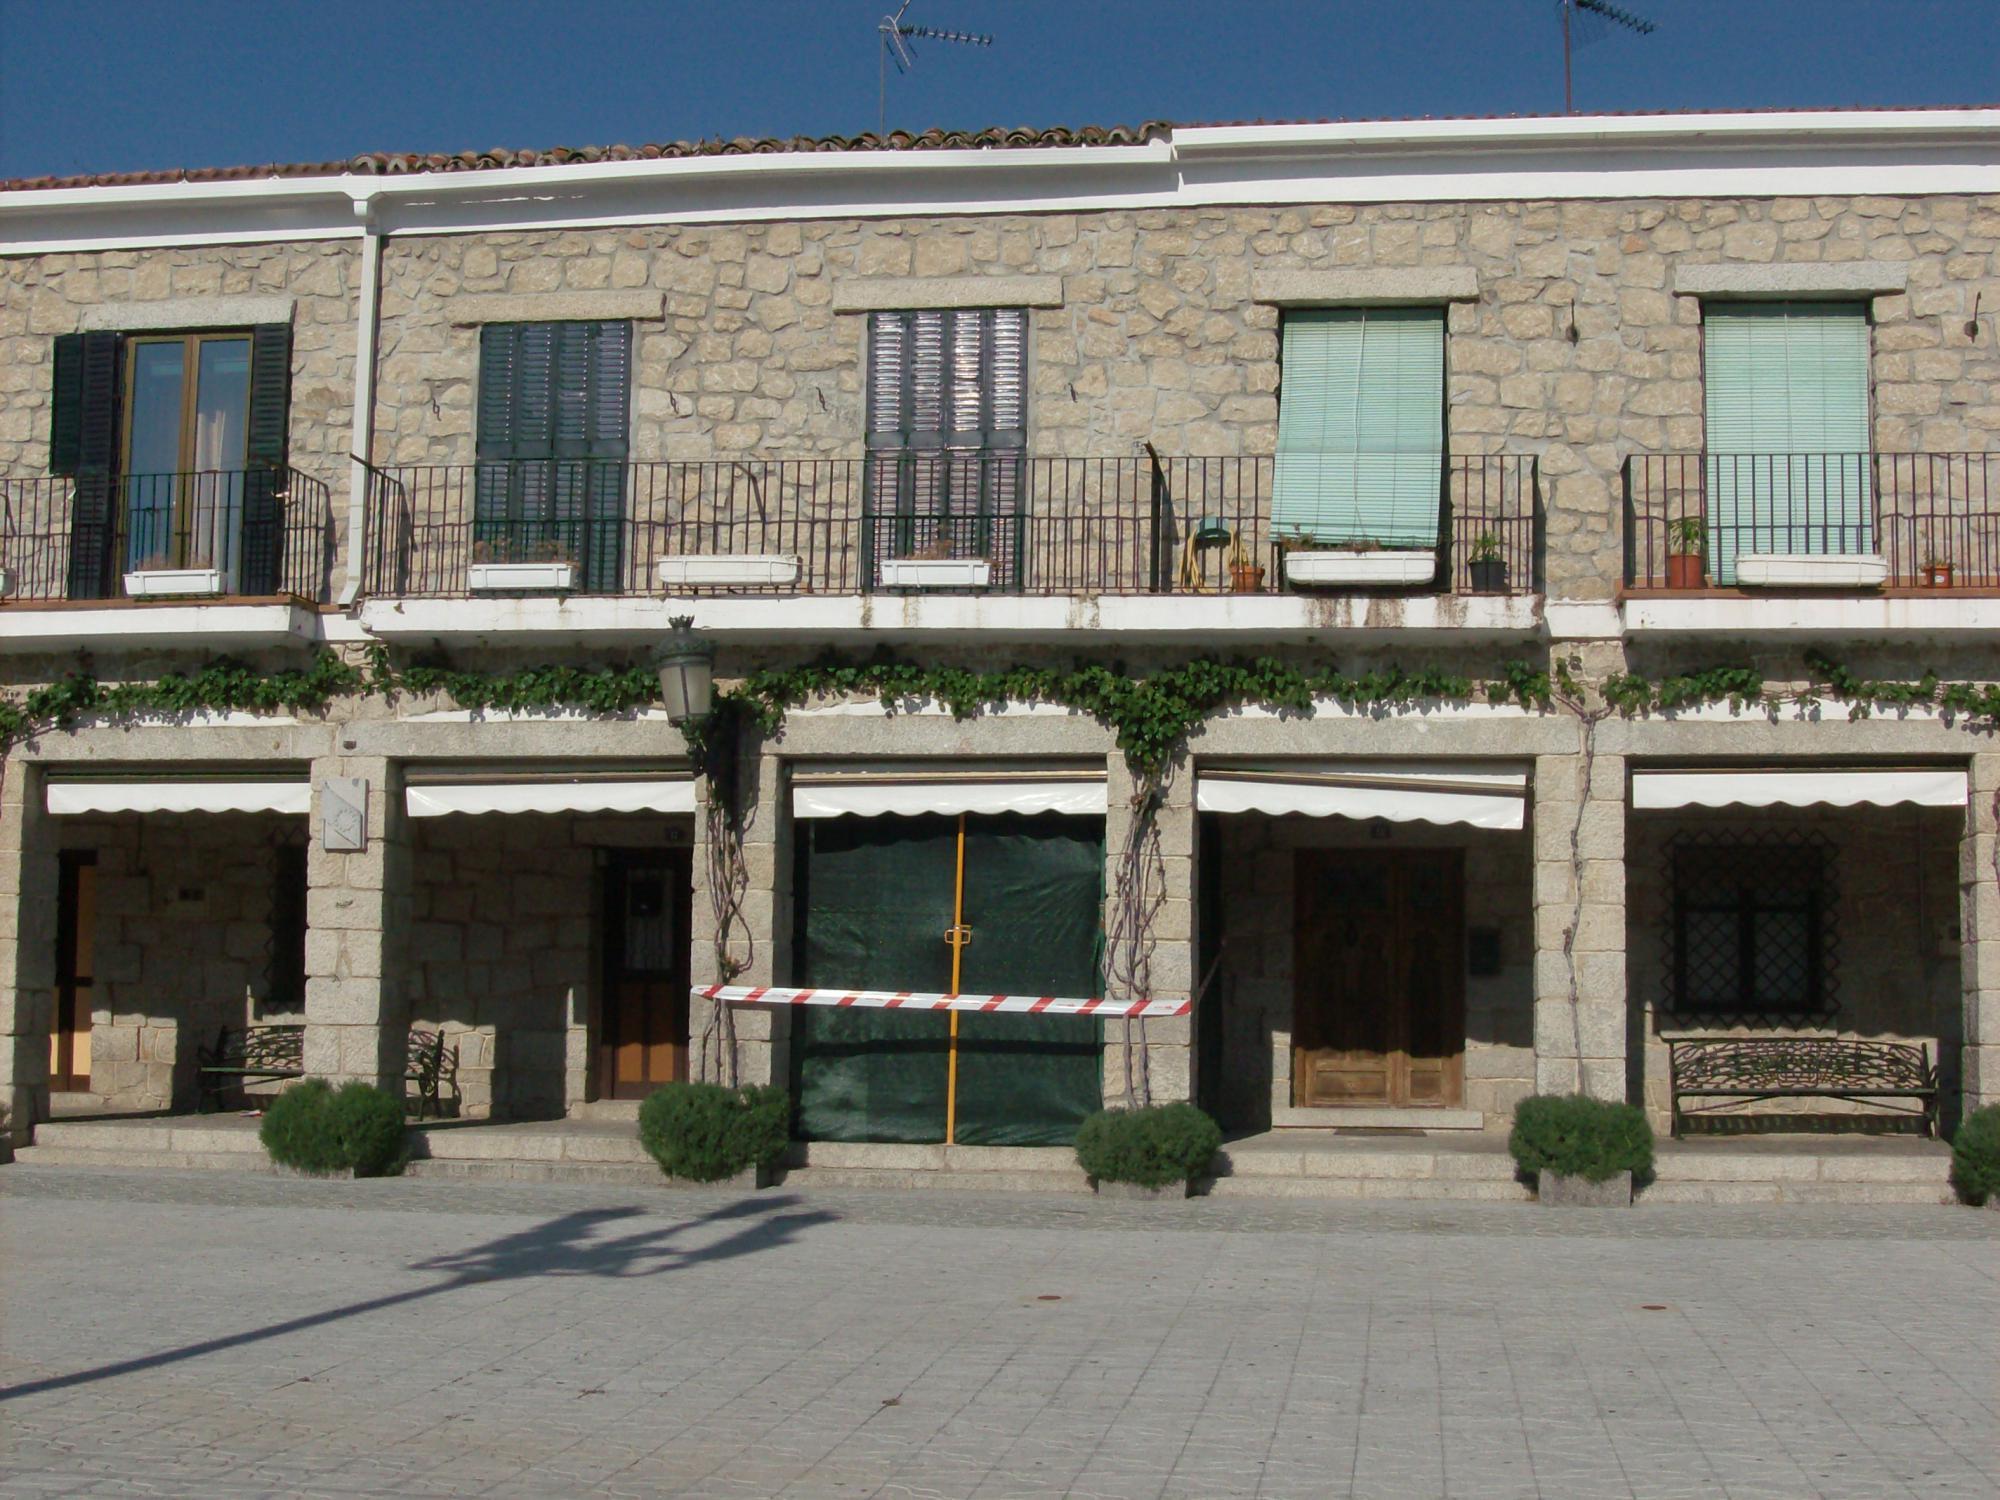 Aprobada la comisión de investigación sobre la apertura de bar en una de las viviendas de la plaza Mayor en Hoyo de Manzanares